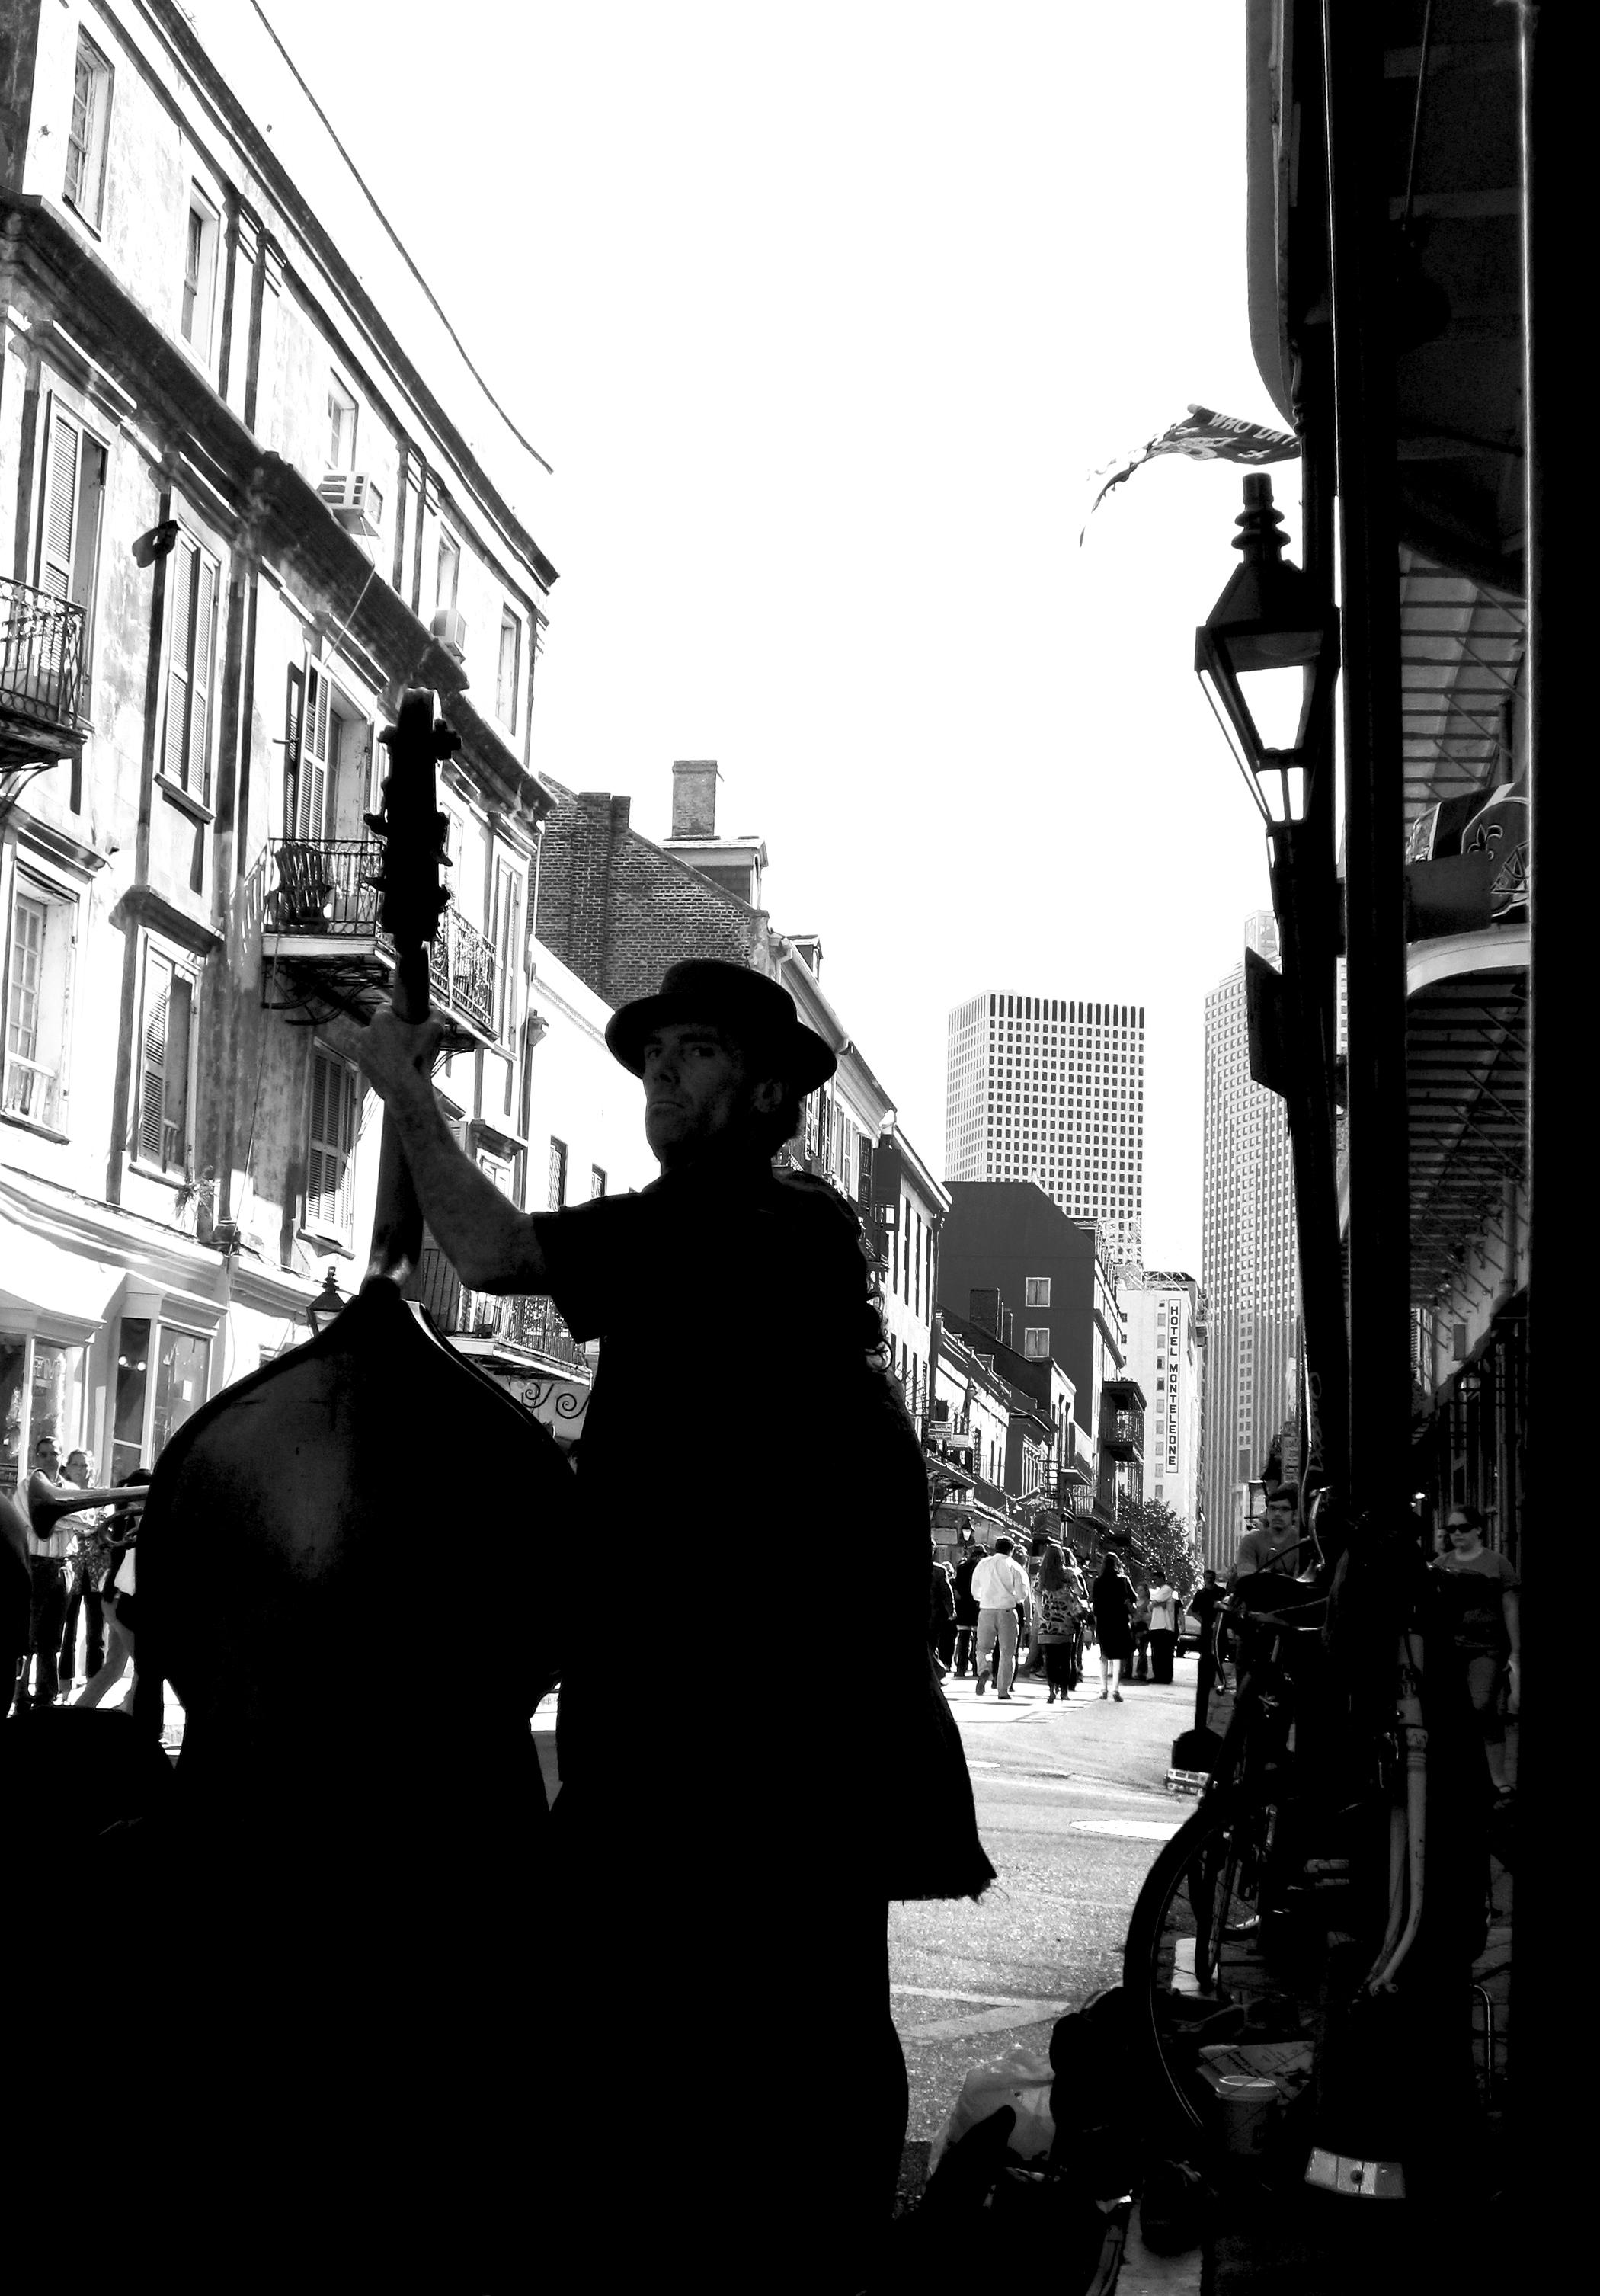 Street performers2.jpg